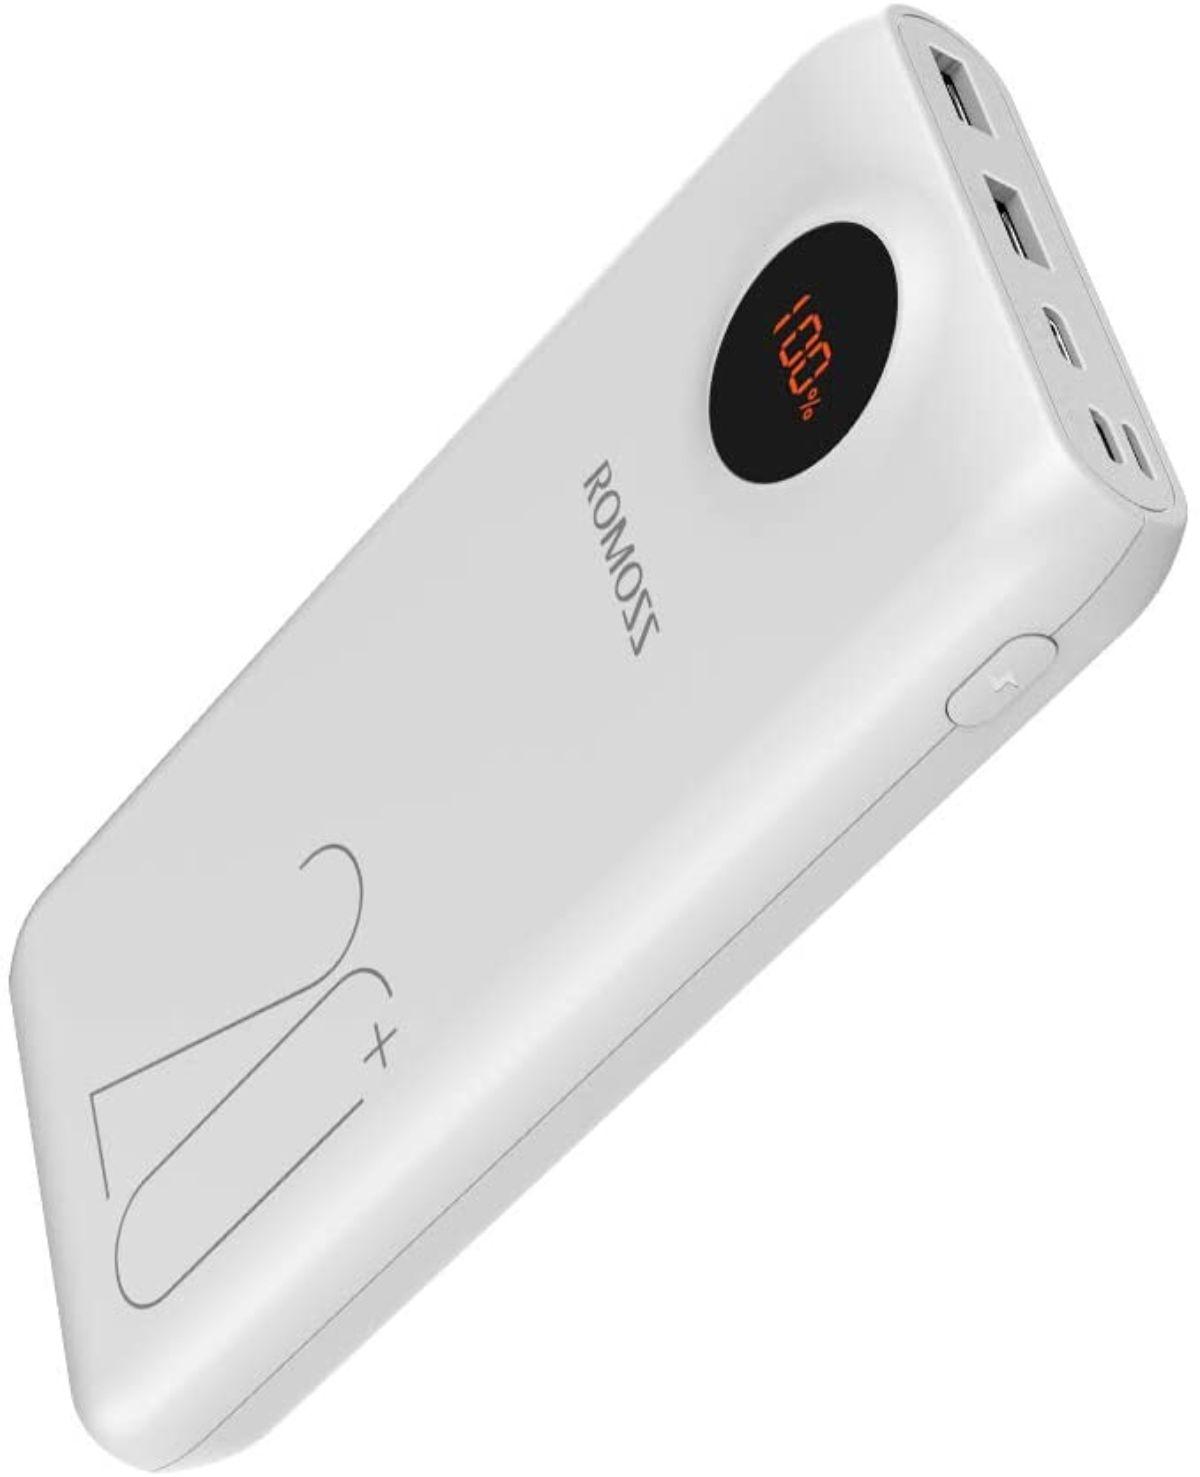 ROMOSS モバイルバッテリー